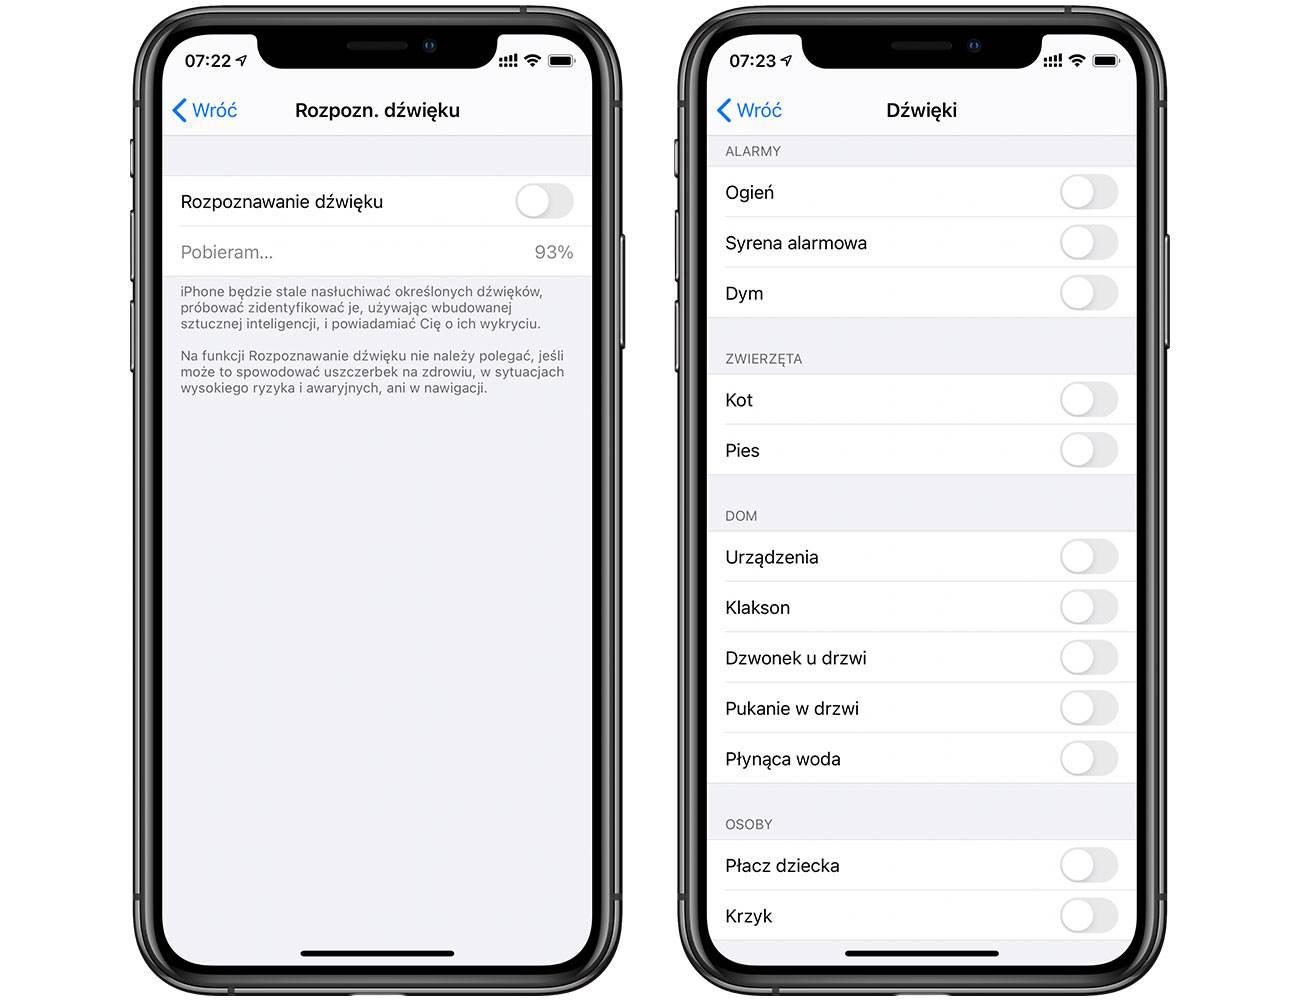 Rozpoznawanie dźwięku - kolejna ciekawa funkcja w iOS 14 polecane, ciekawostki rozpoznawanie dzwieku, Rozpoznawanie dźwięku, nowosc w iOS 14, Nowość, iphone rozpozna dzwiek, iOS 14  Kolejną bardzo interesującą funkcją w iOS 14 o której trzeba koniecznie napisać jest Rozpoznawanie dźwięku. Słyszeliście już o niej? iOS14 rozpoznawanie 2